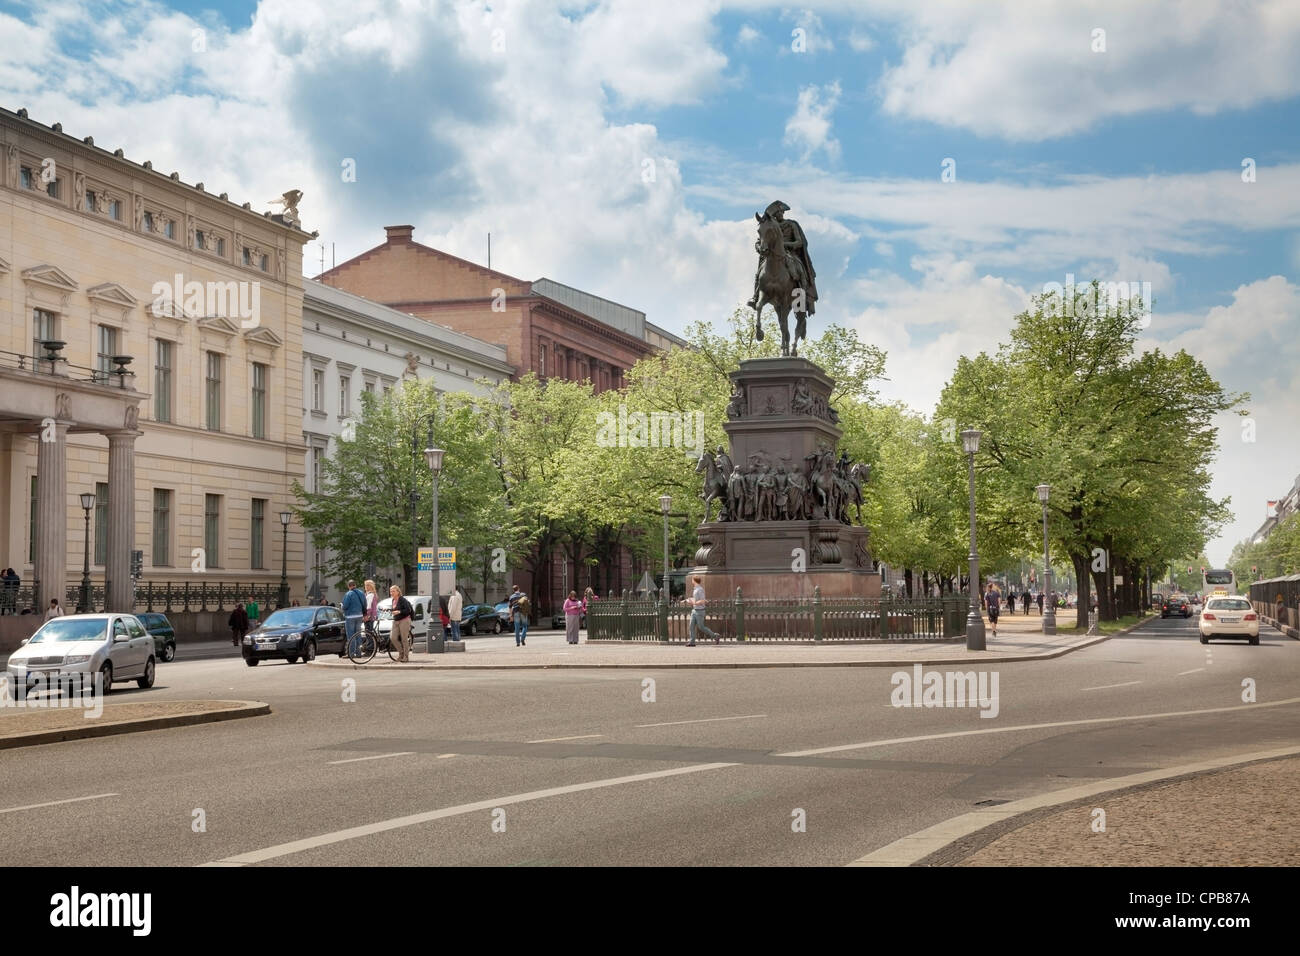 Unter den Linden, Berlin, Germany Stock Photo